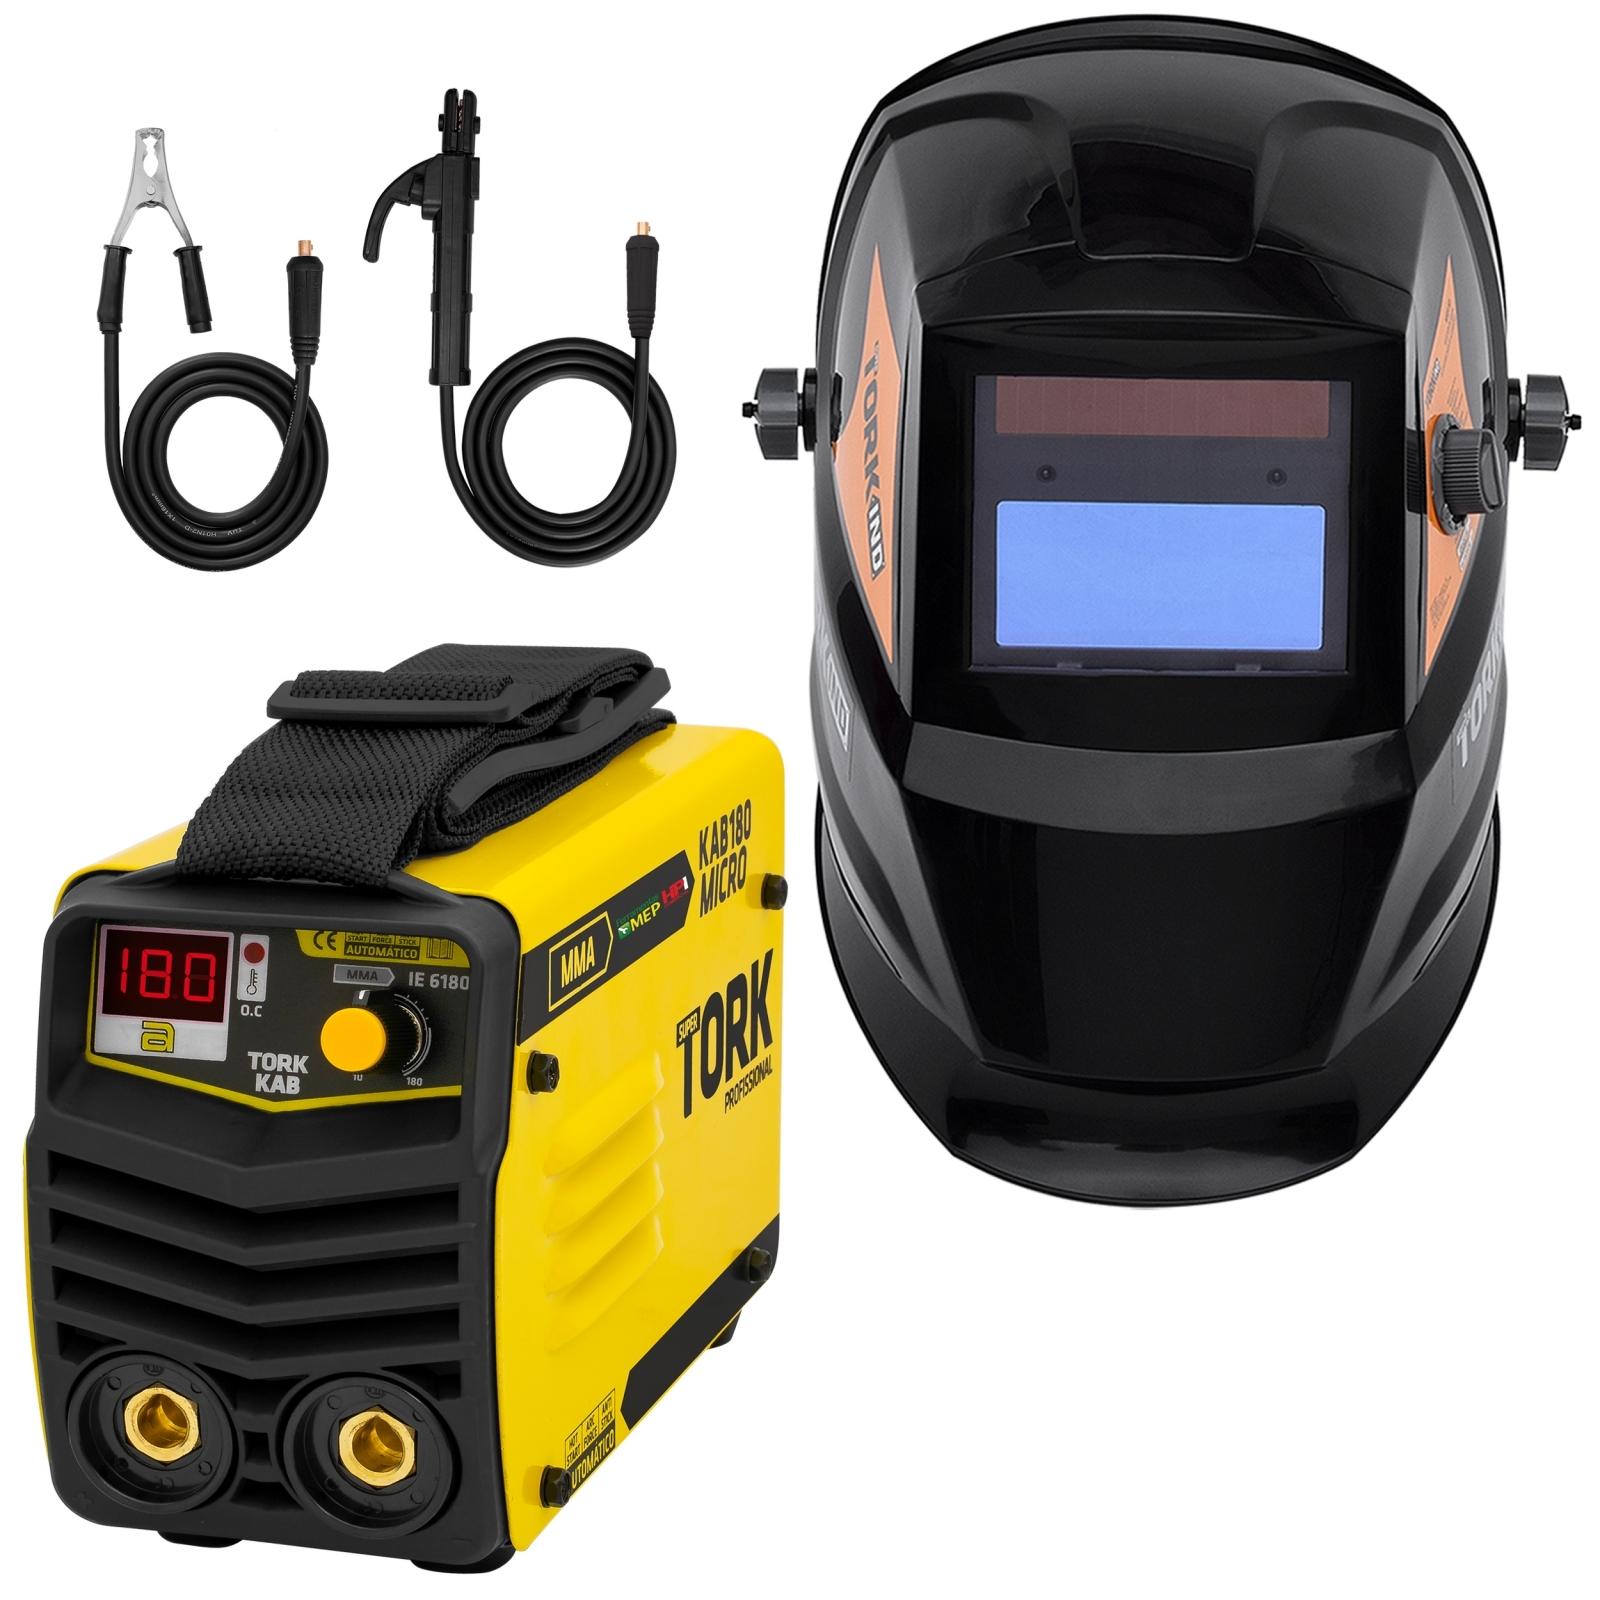 Inversora De Solda Eletrodo Tork 180a Bivolt Combo Com Mascara Ks1 - Ferramentas MEP